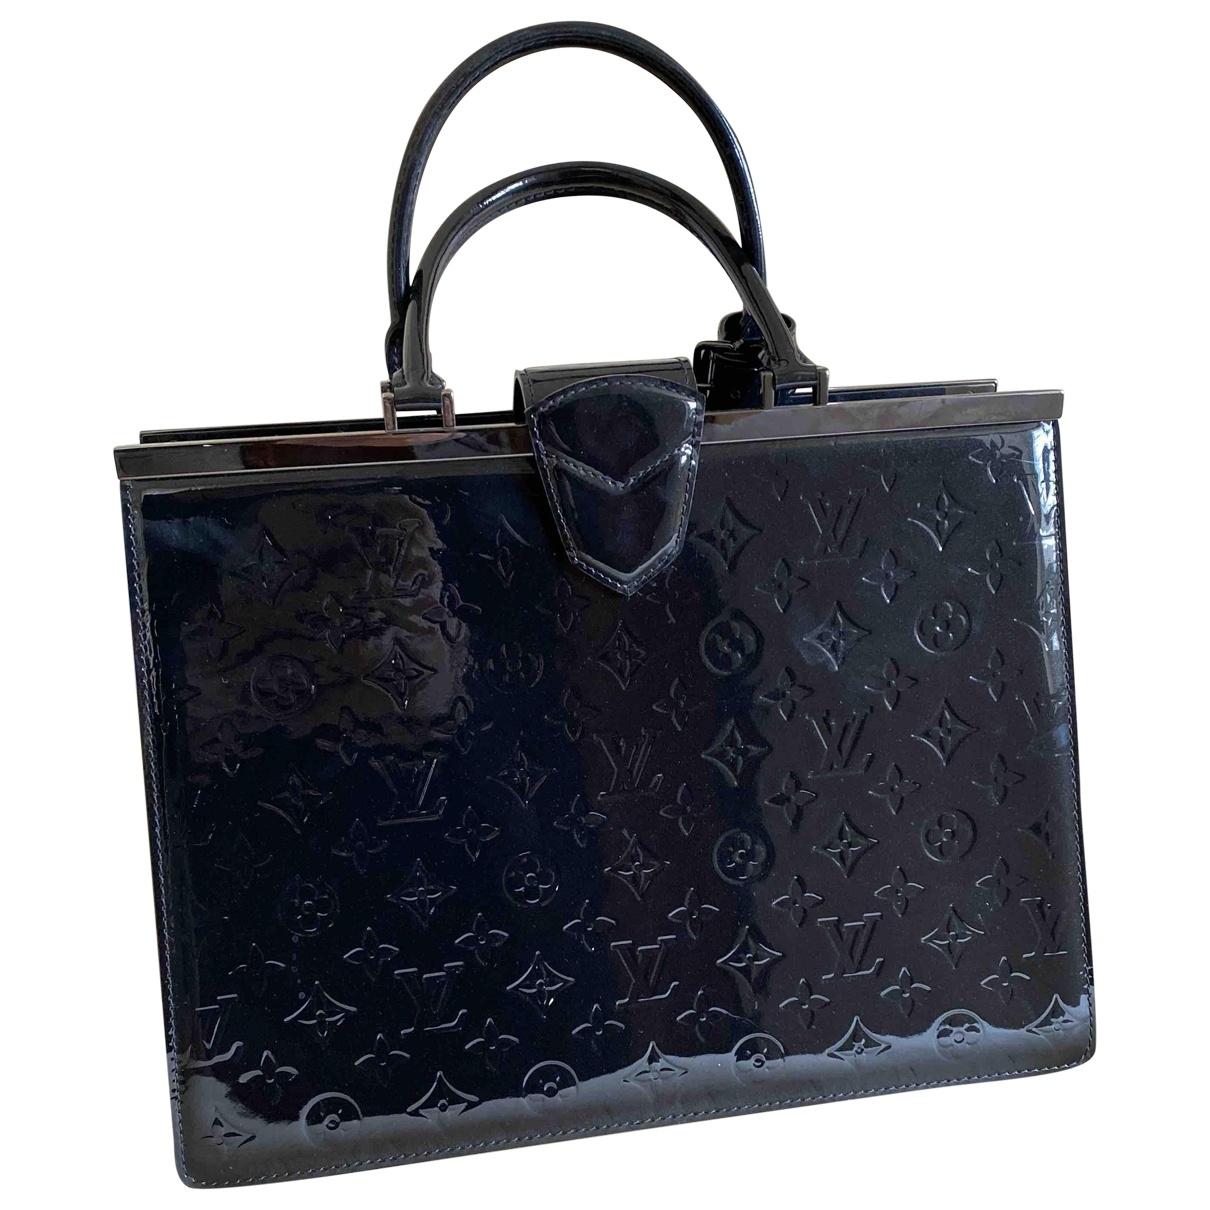 Louis Vuitton - Sac a main Deesse pour femme en cuir verni - noir